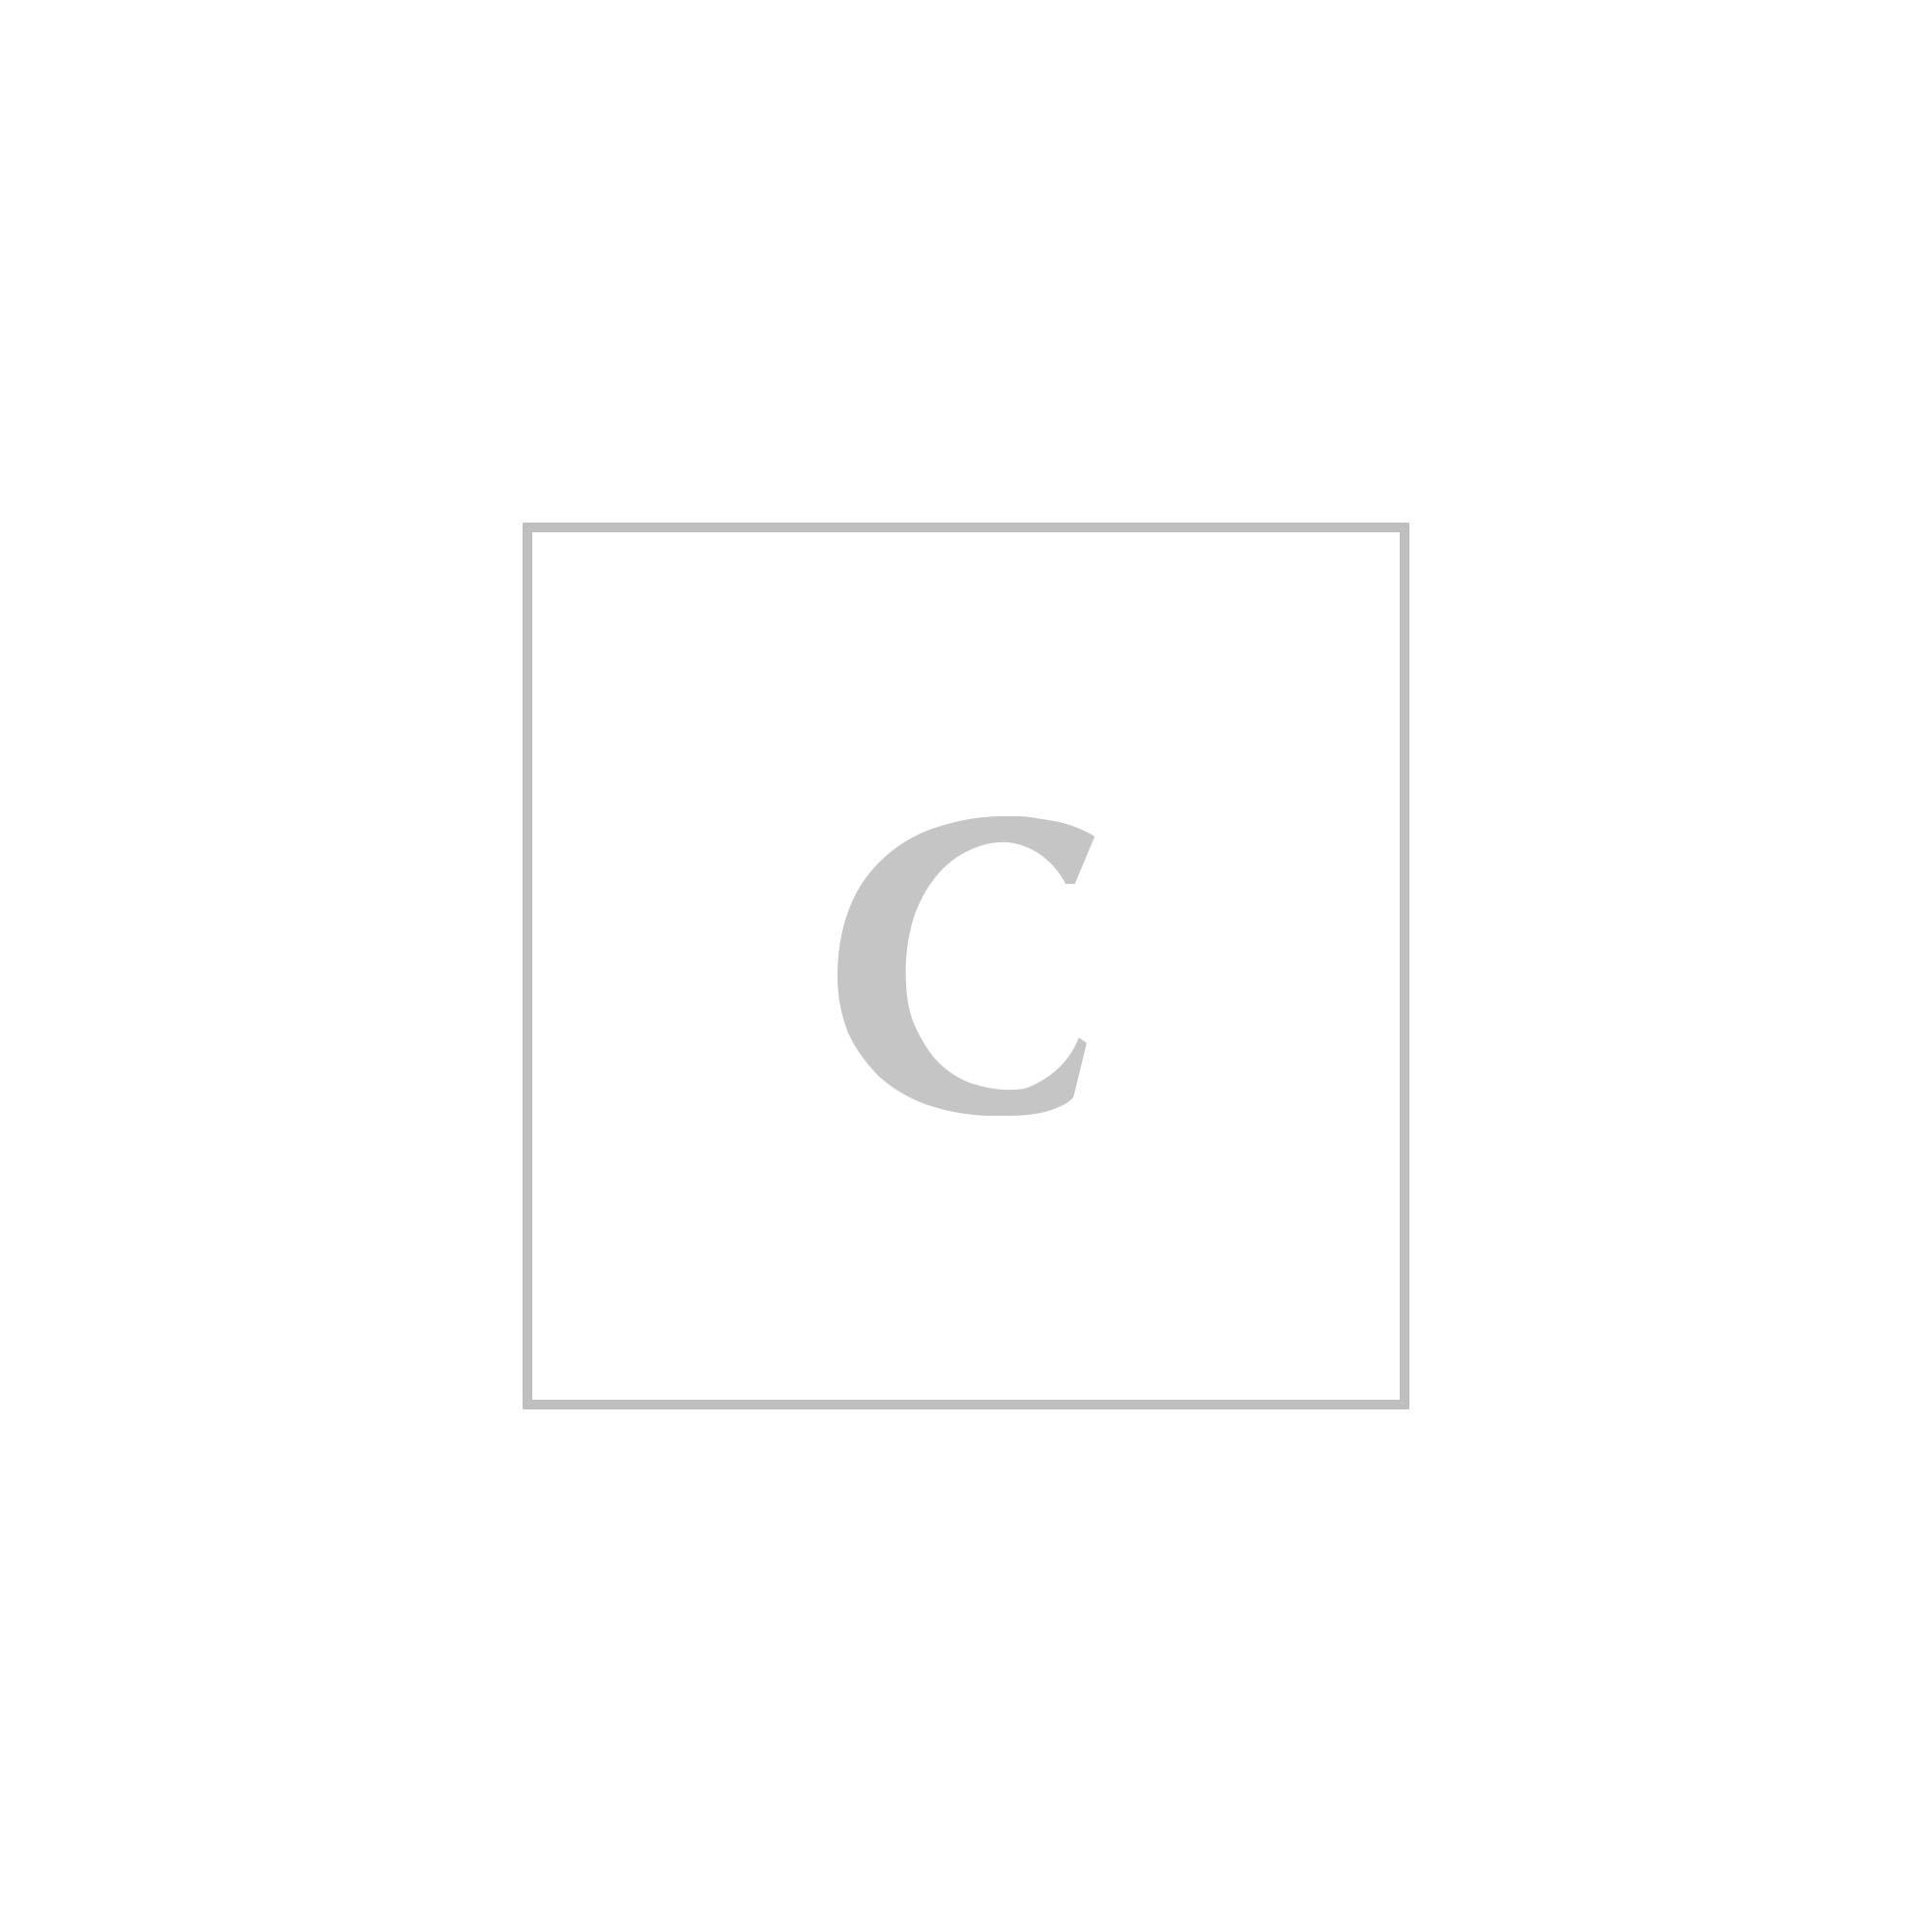 Saint laurent borsa classic medium monogram